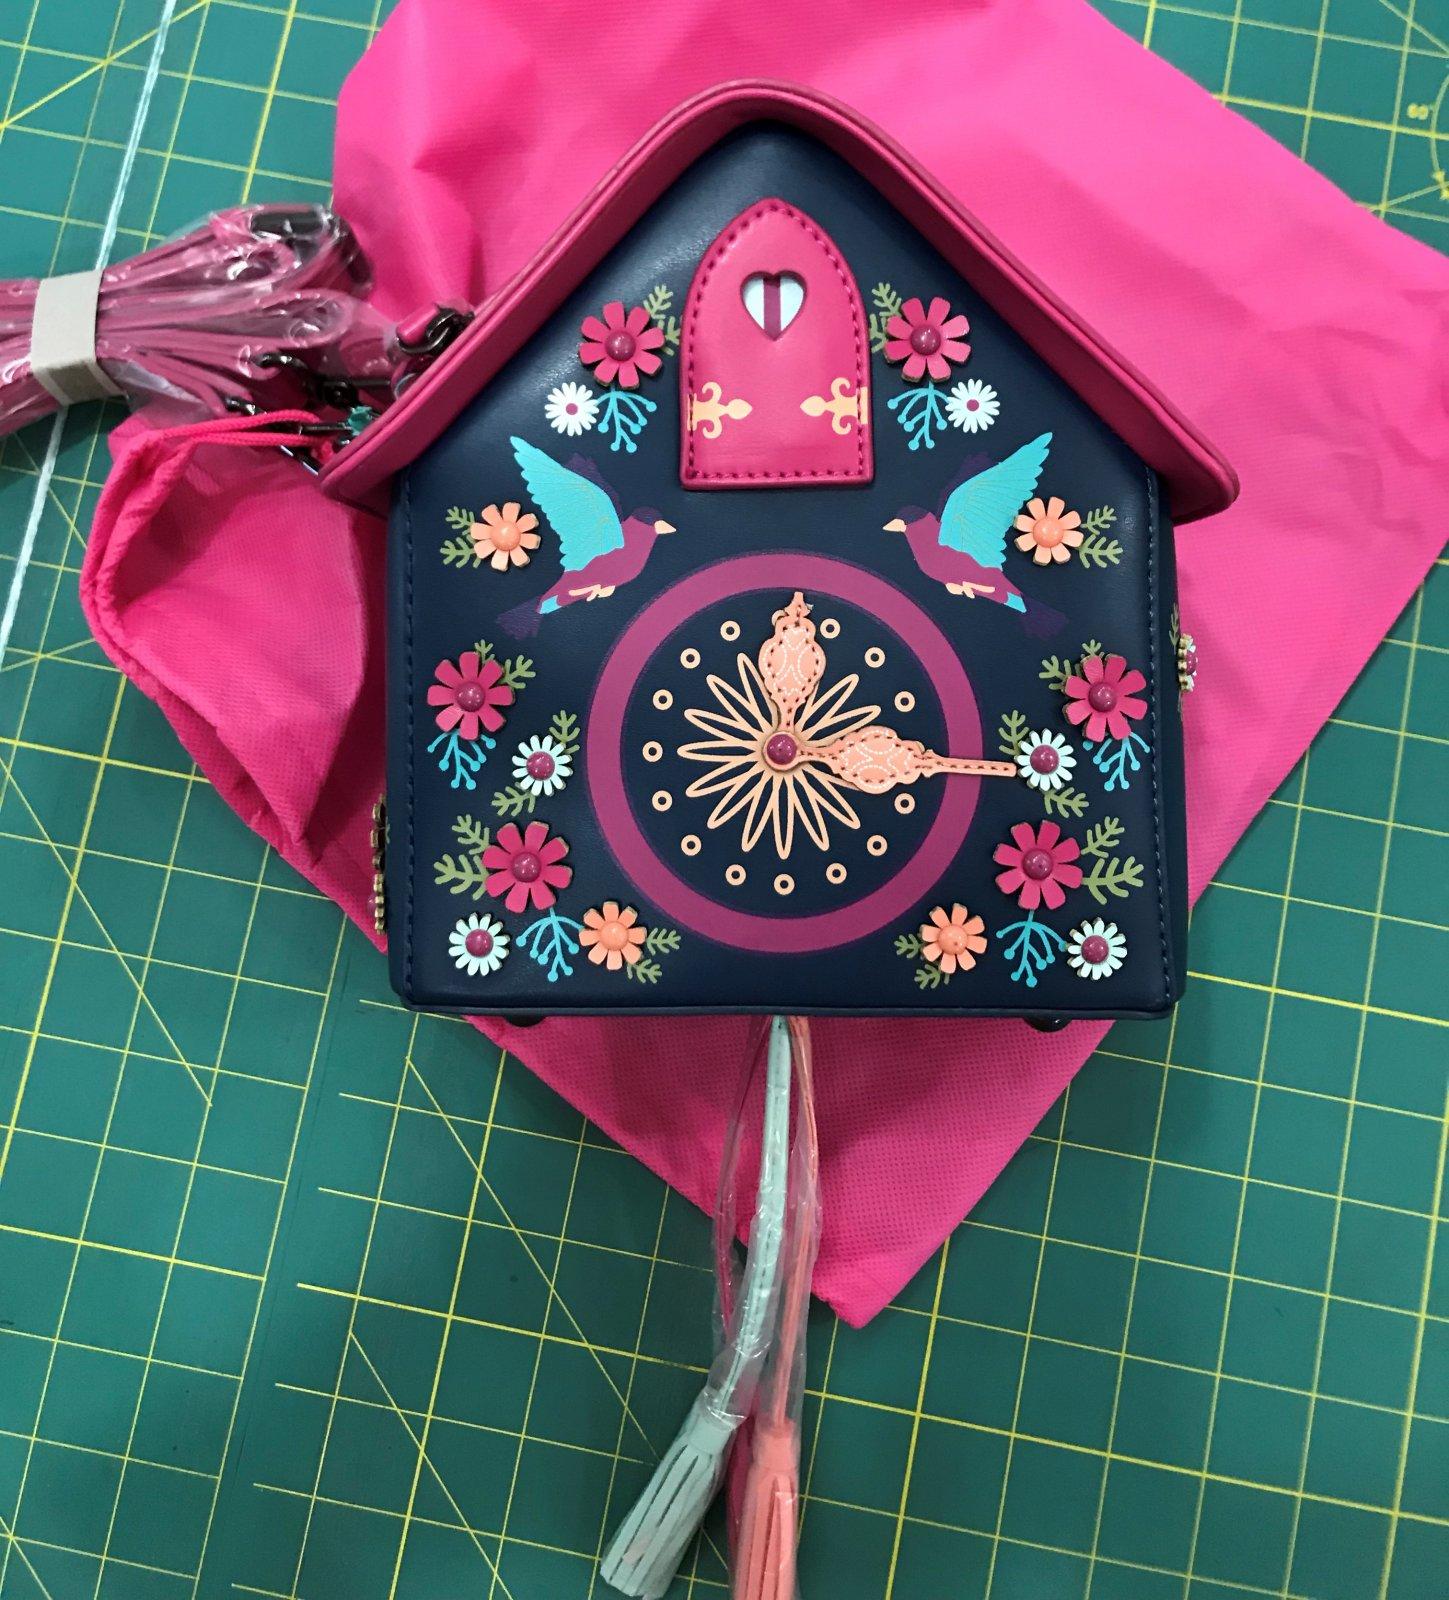 Vendula London - Cuckoo Clock - Box Bag